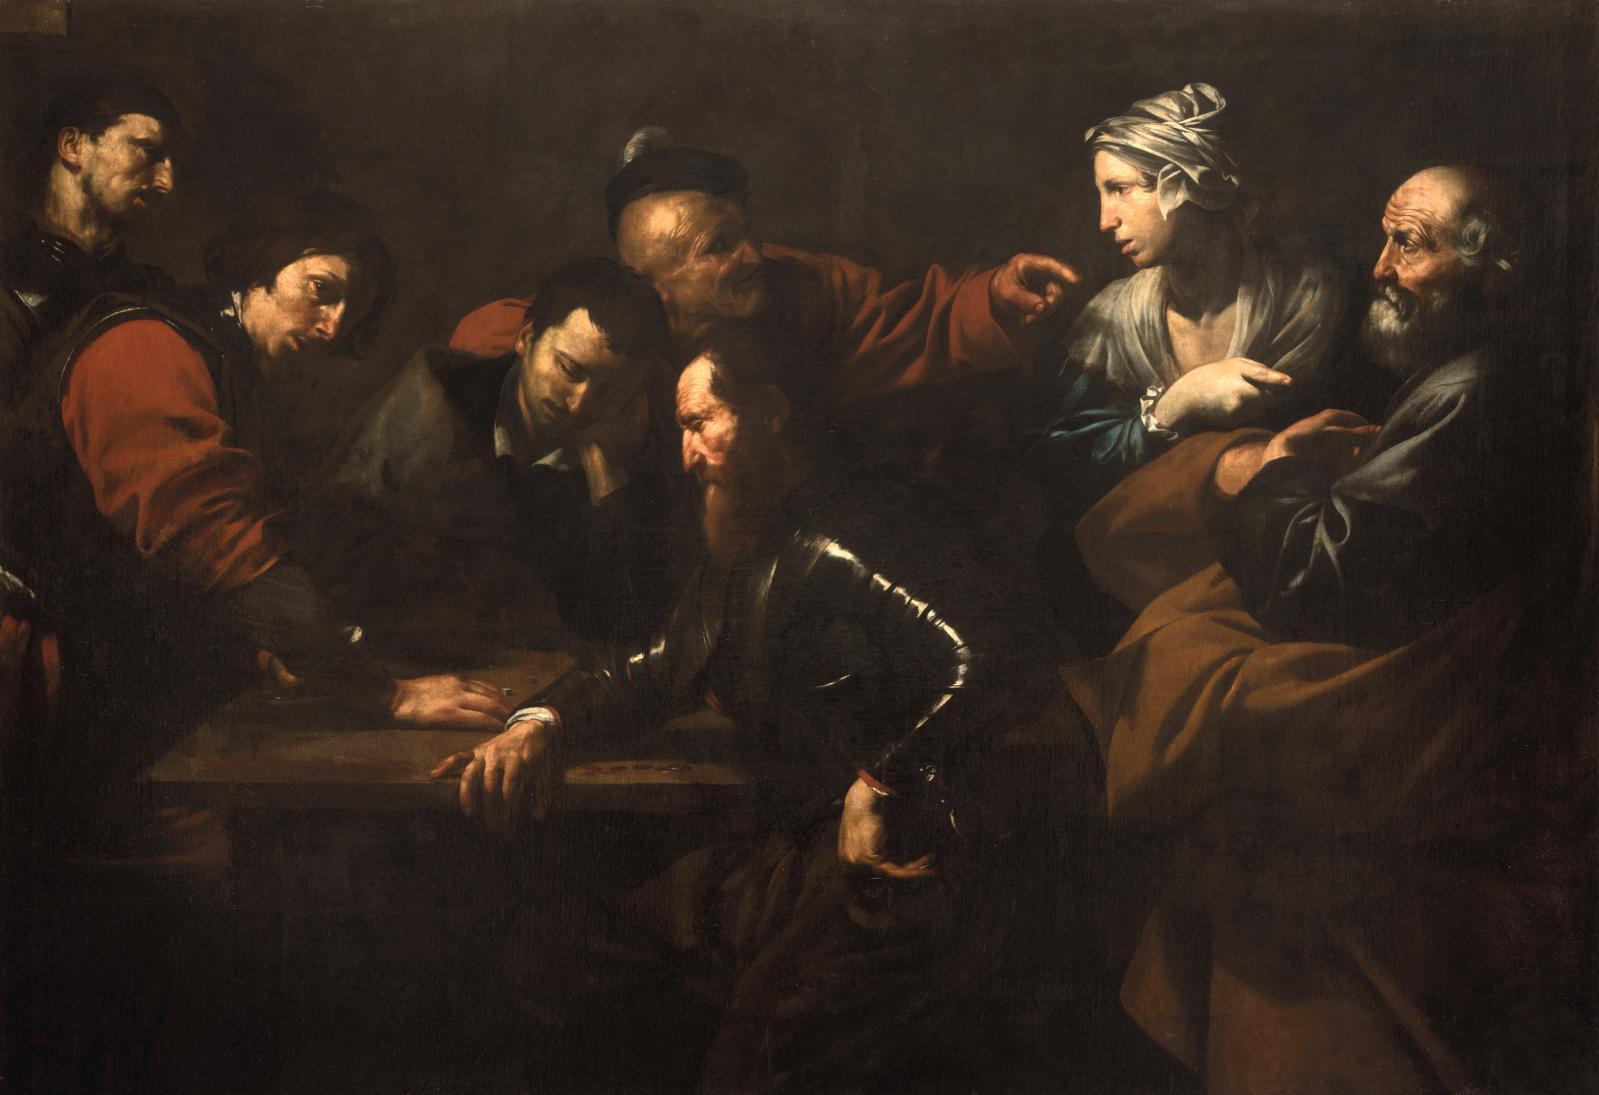 Jusepe de Ribera, Le Reniement de saint Pierre, 163 x 233 cm.Rome, Galleria nazionali d'arte antica, Palazzo Corsini.© Galleria nazionali